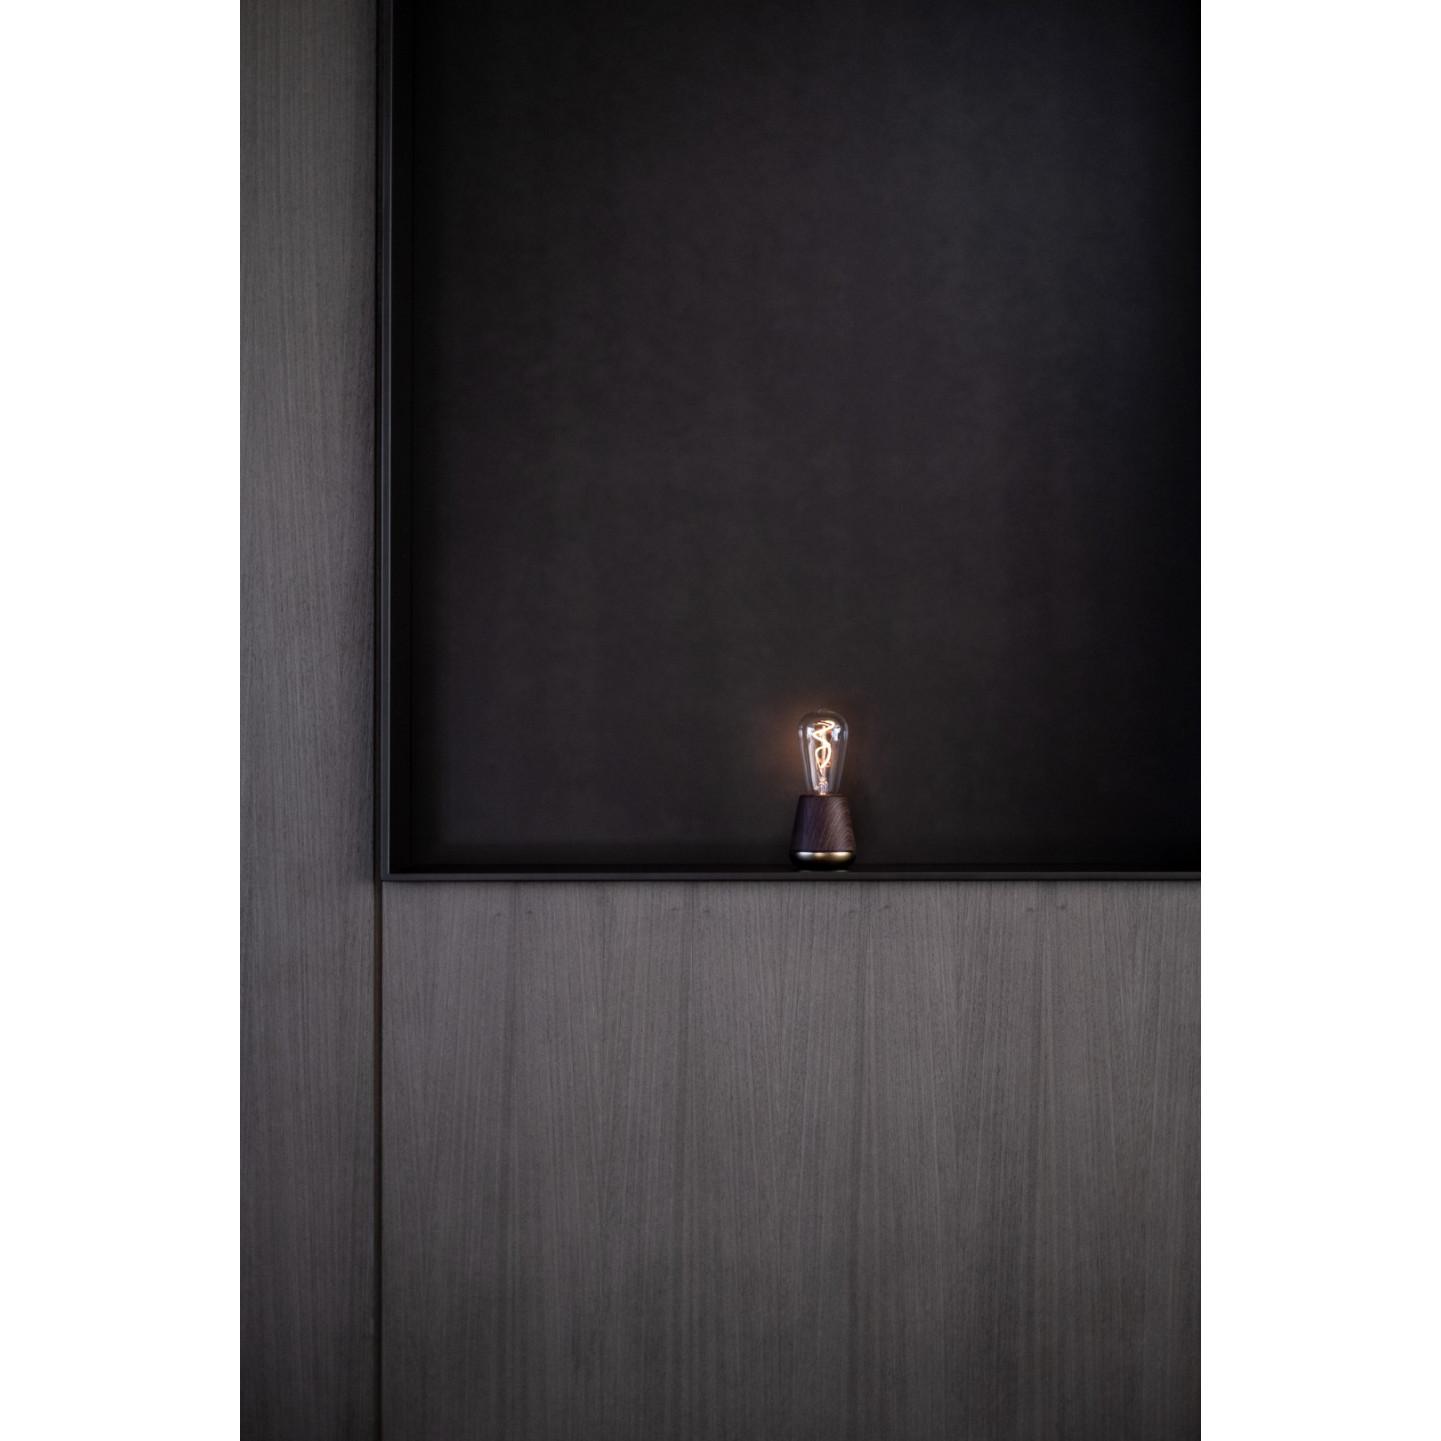 Drahtlose Tischlampe One | Nussbaum / Messing